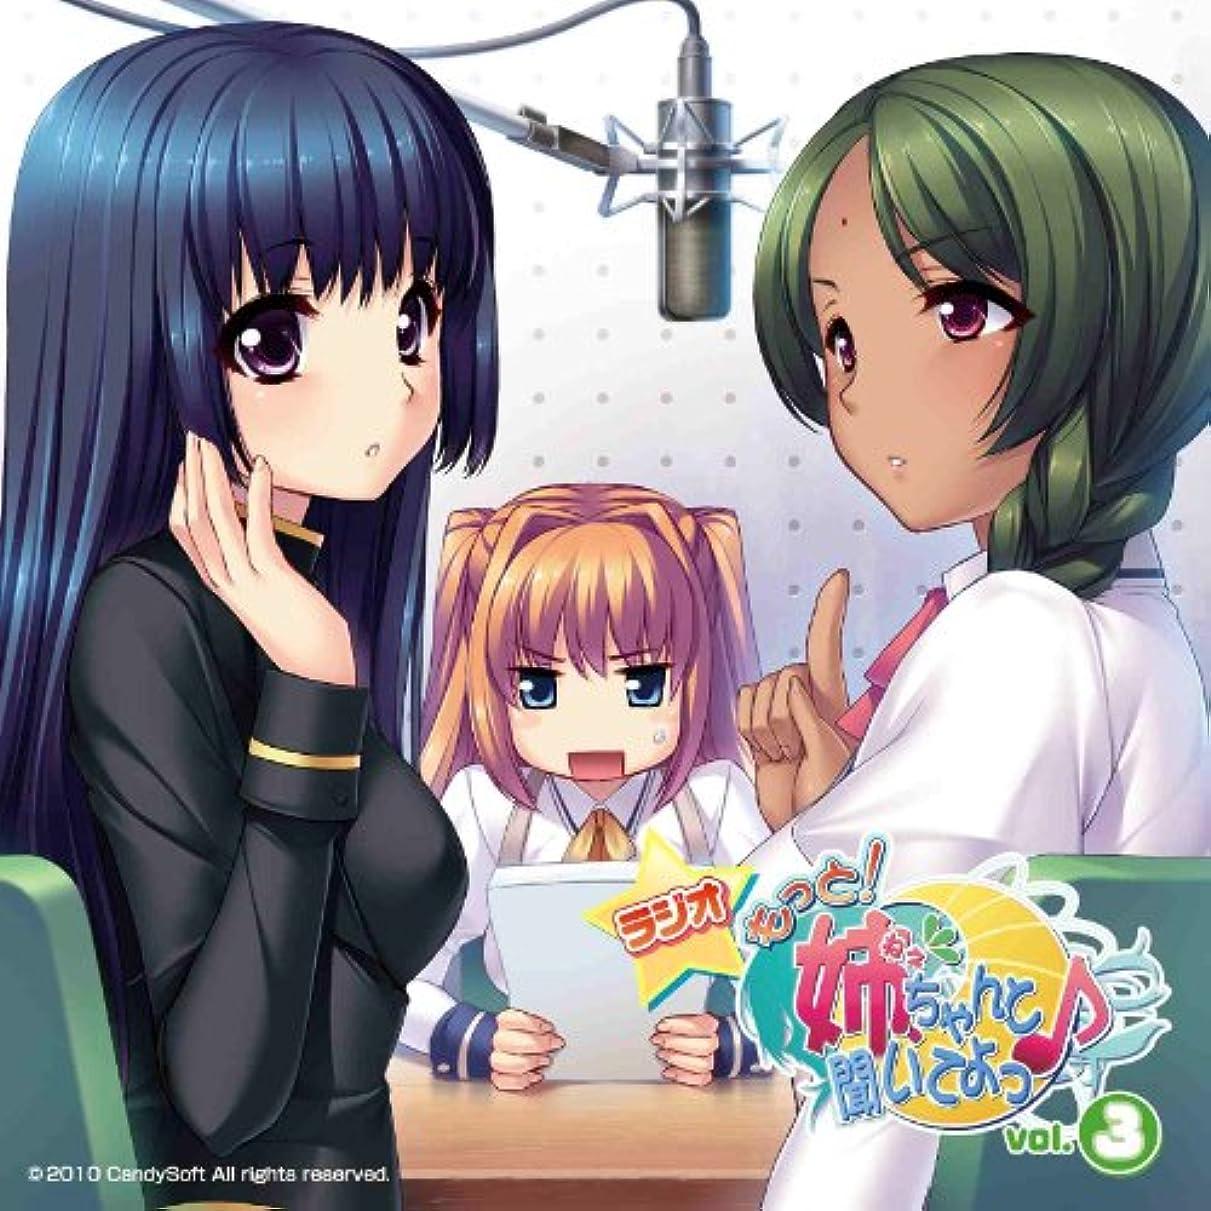 制限する玉カレッジラジオCD 「もっと!姉、ちゃんと聞いてよっ?」Vol.3